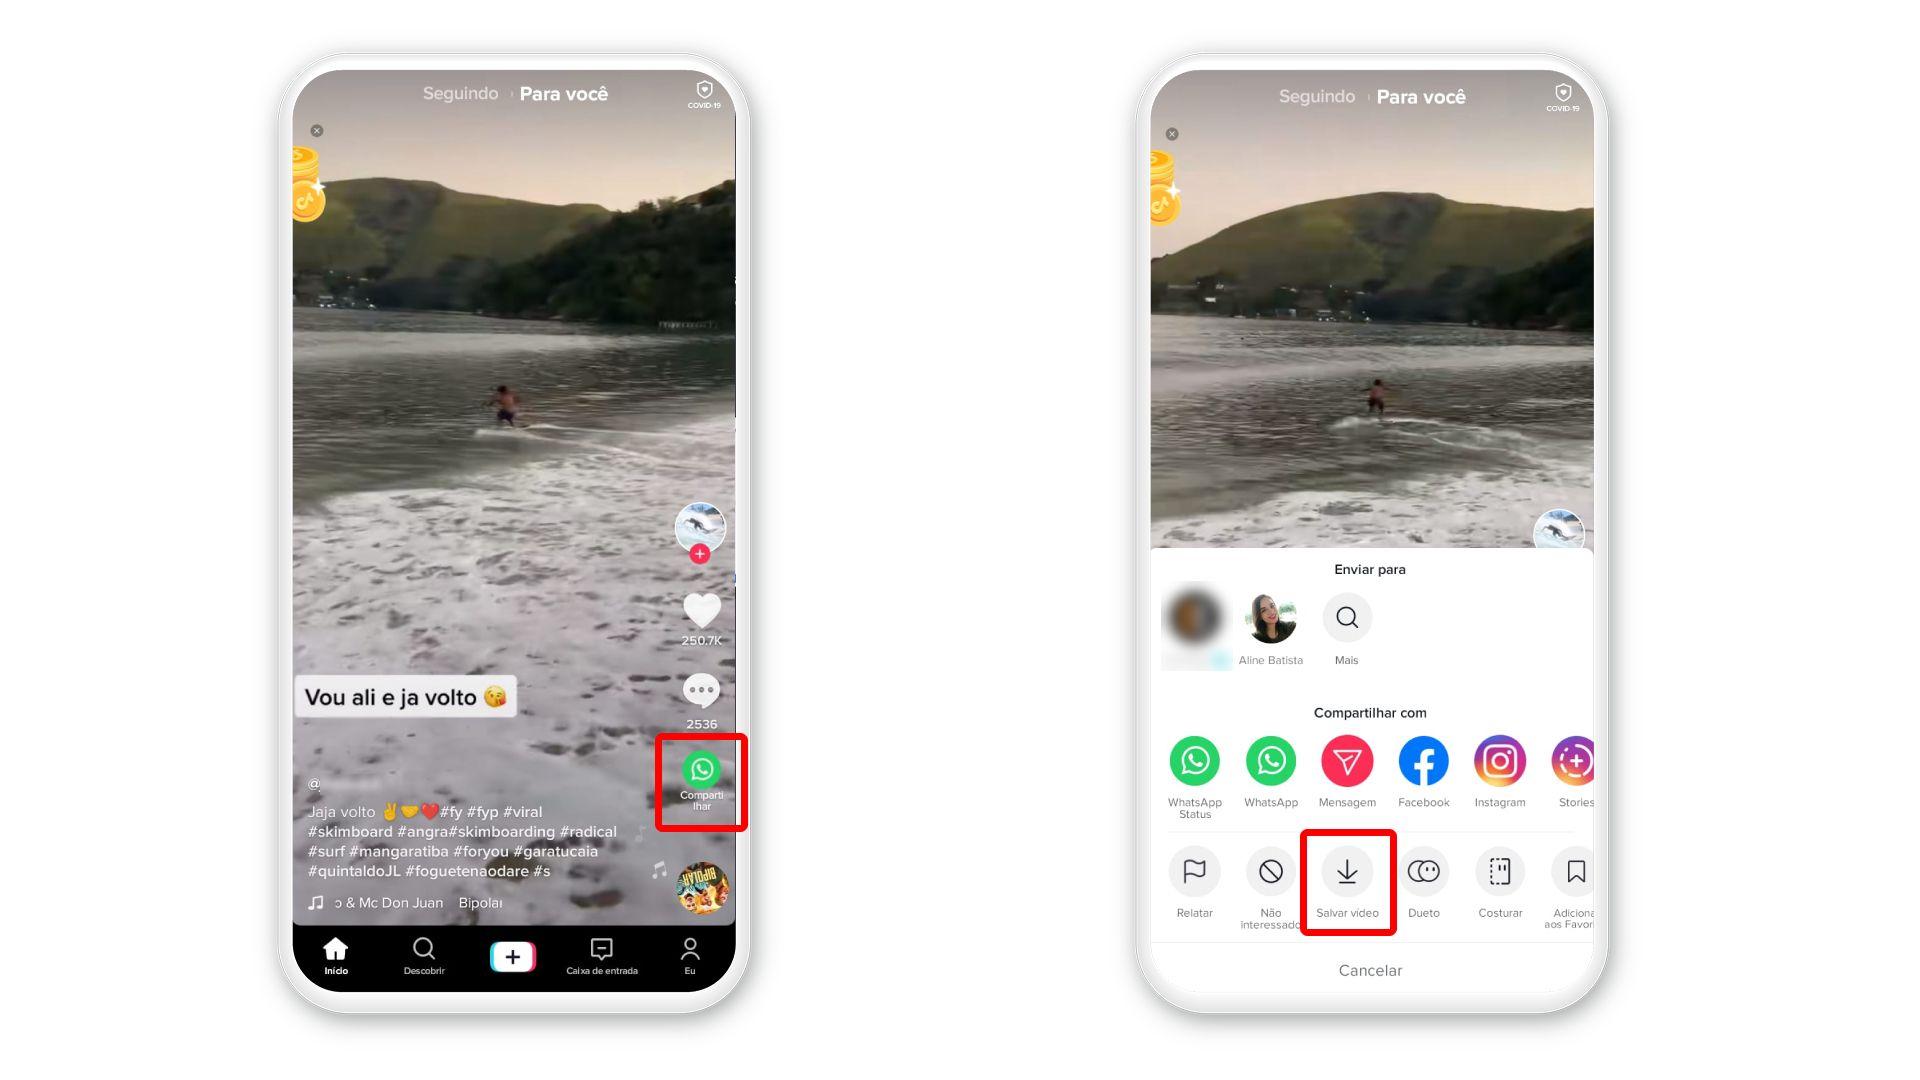 O próprio aplicativo oferece recurso para baixar vídeo do TikTok (Foto: Arte/Zoom)